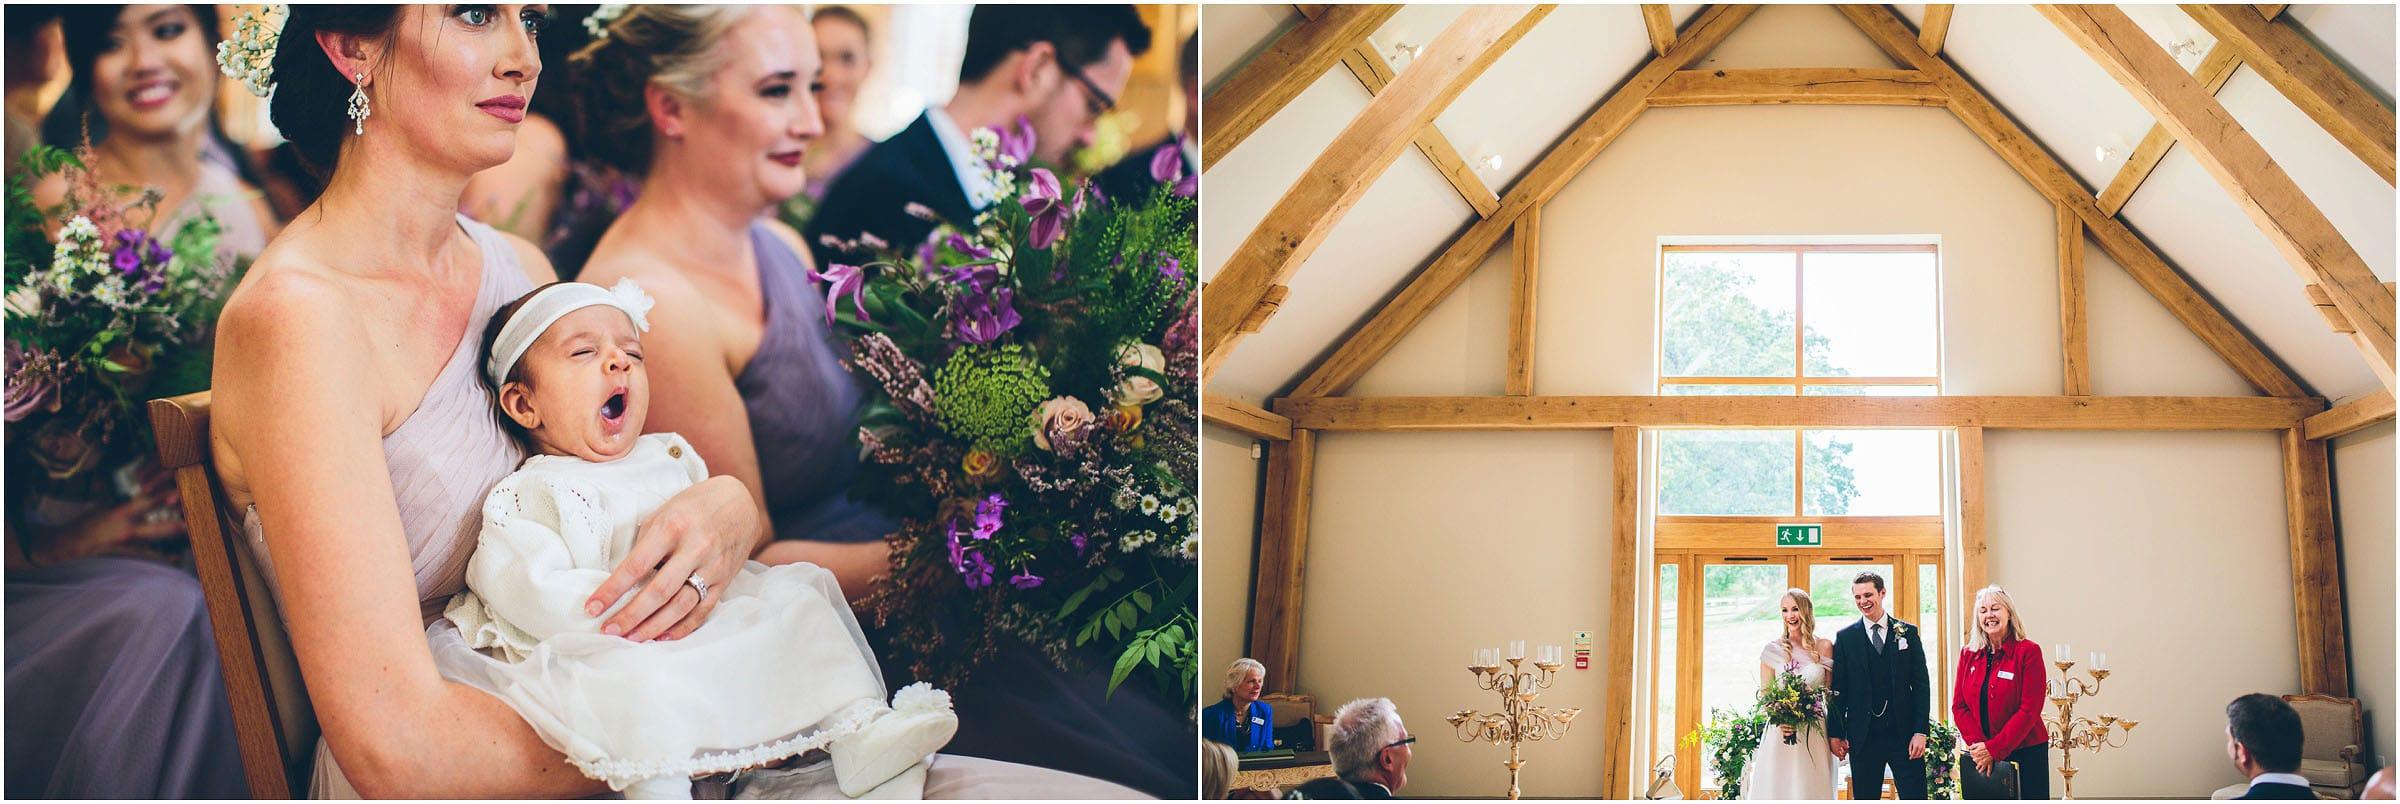 easton_grange_wedding_photography_0043